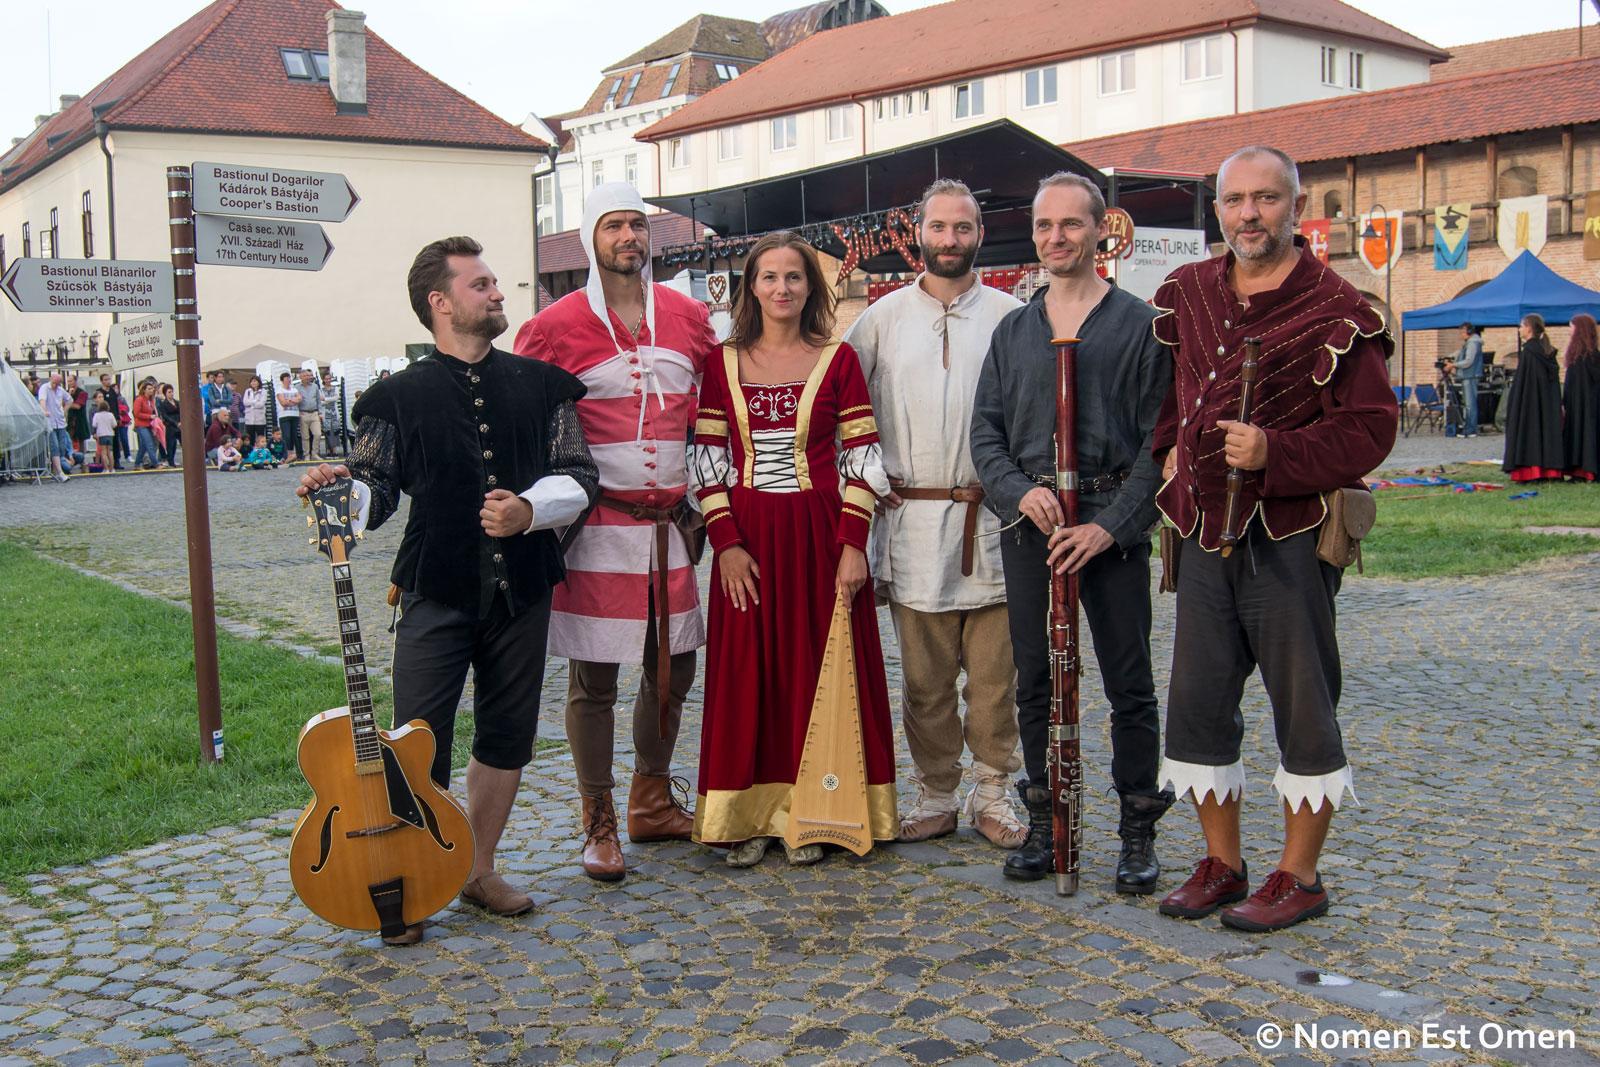 Vremea festivalurilor medievale